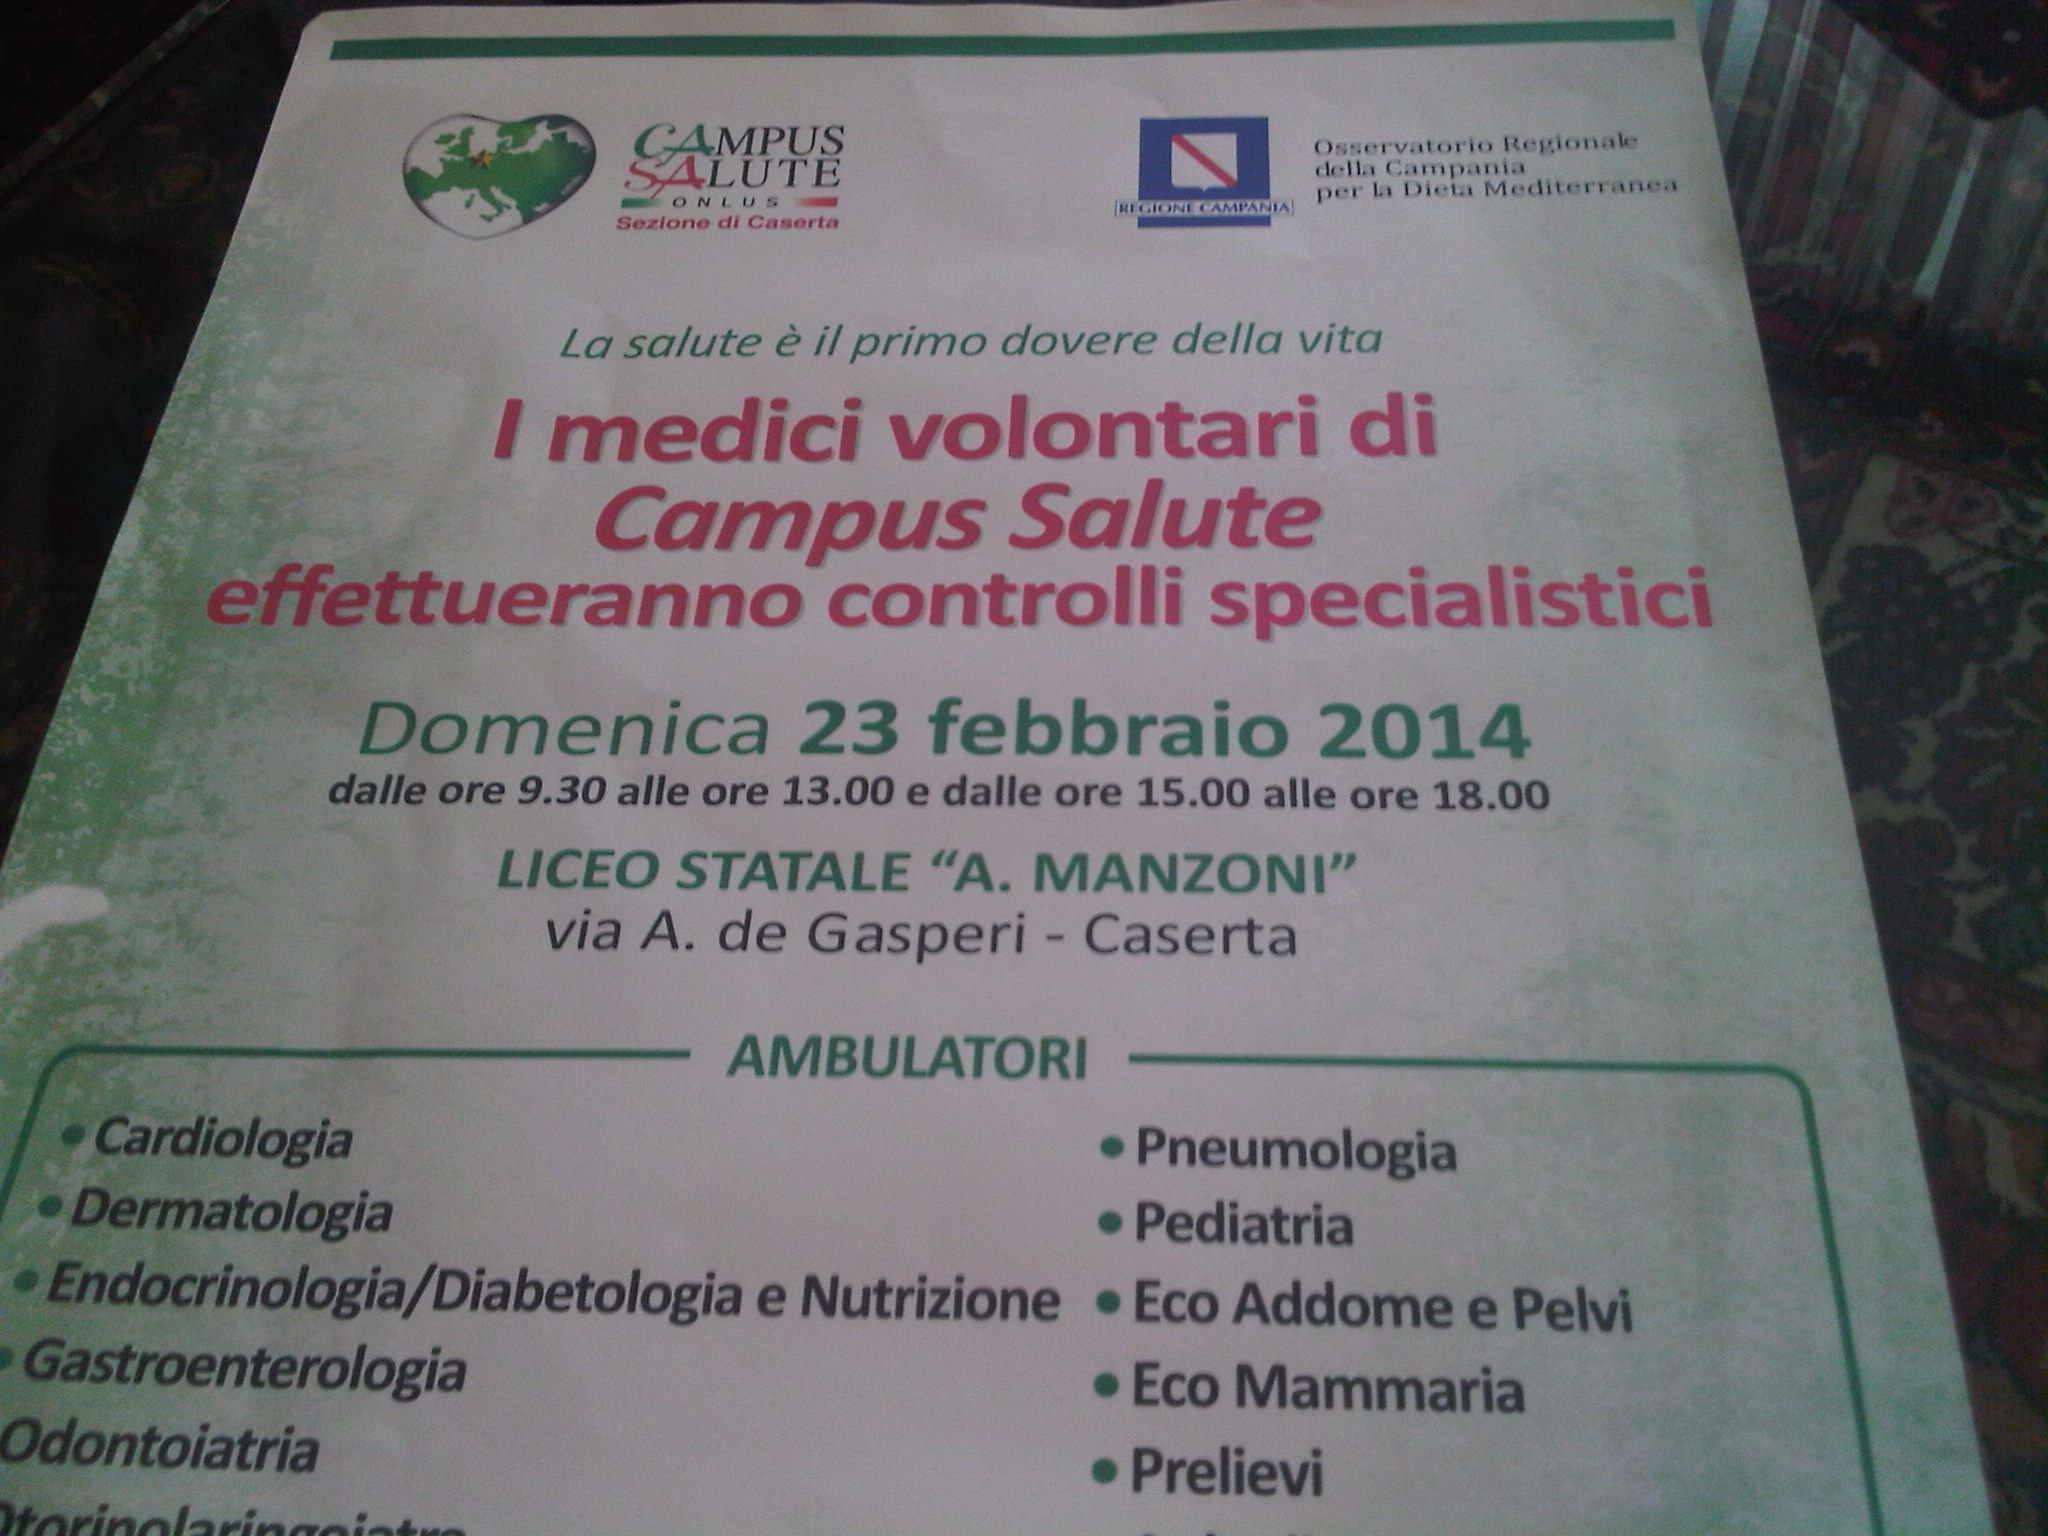 locandina campus salute